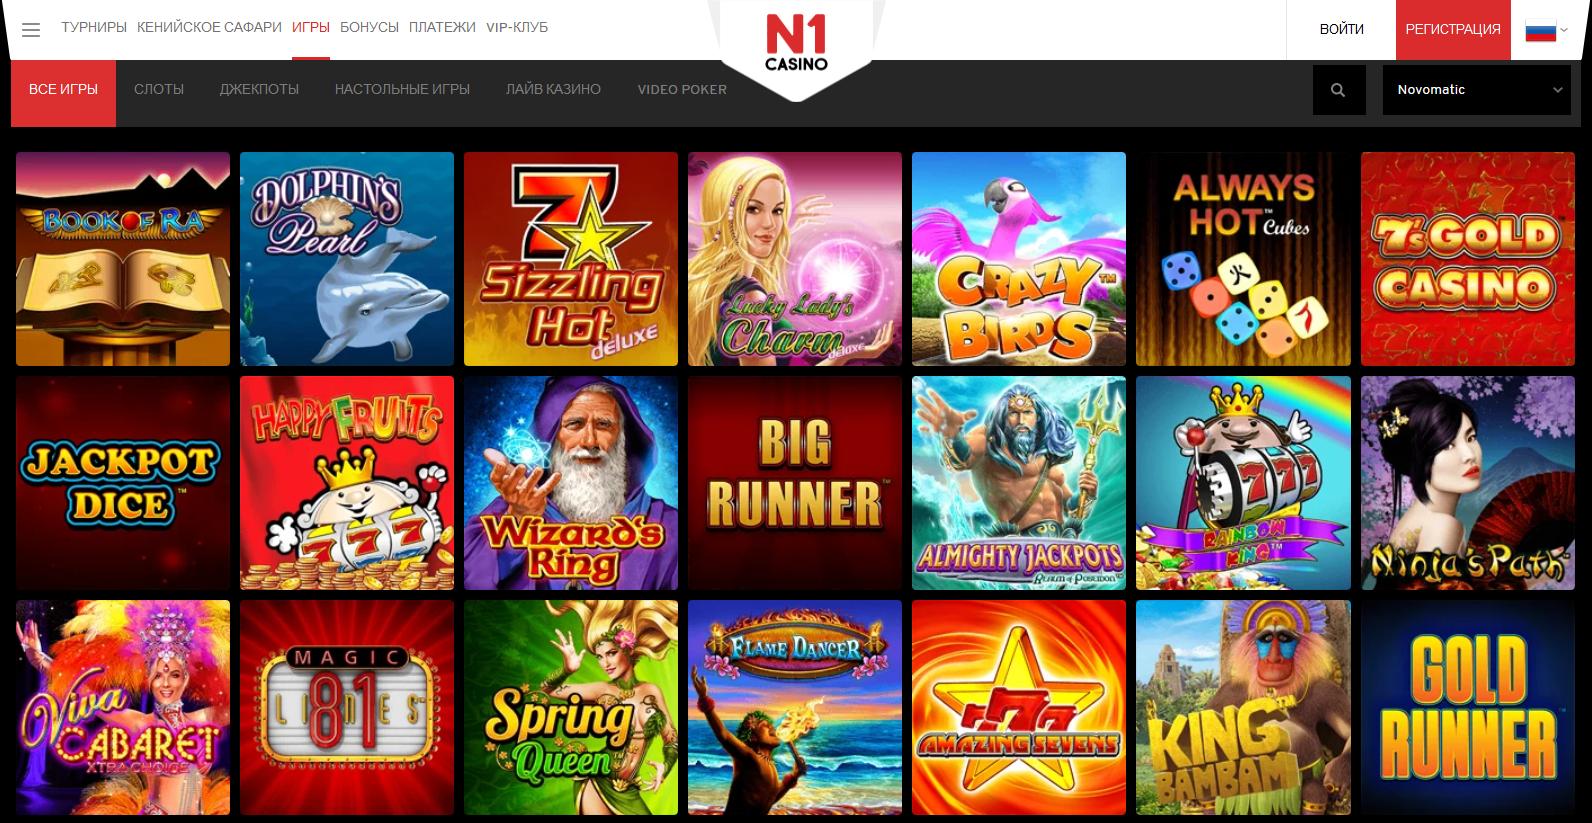 Лицензионные игровые автоматы Новоматик (Novomatic Gaming) в N1 Casino - что нас ждет?